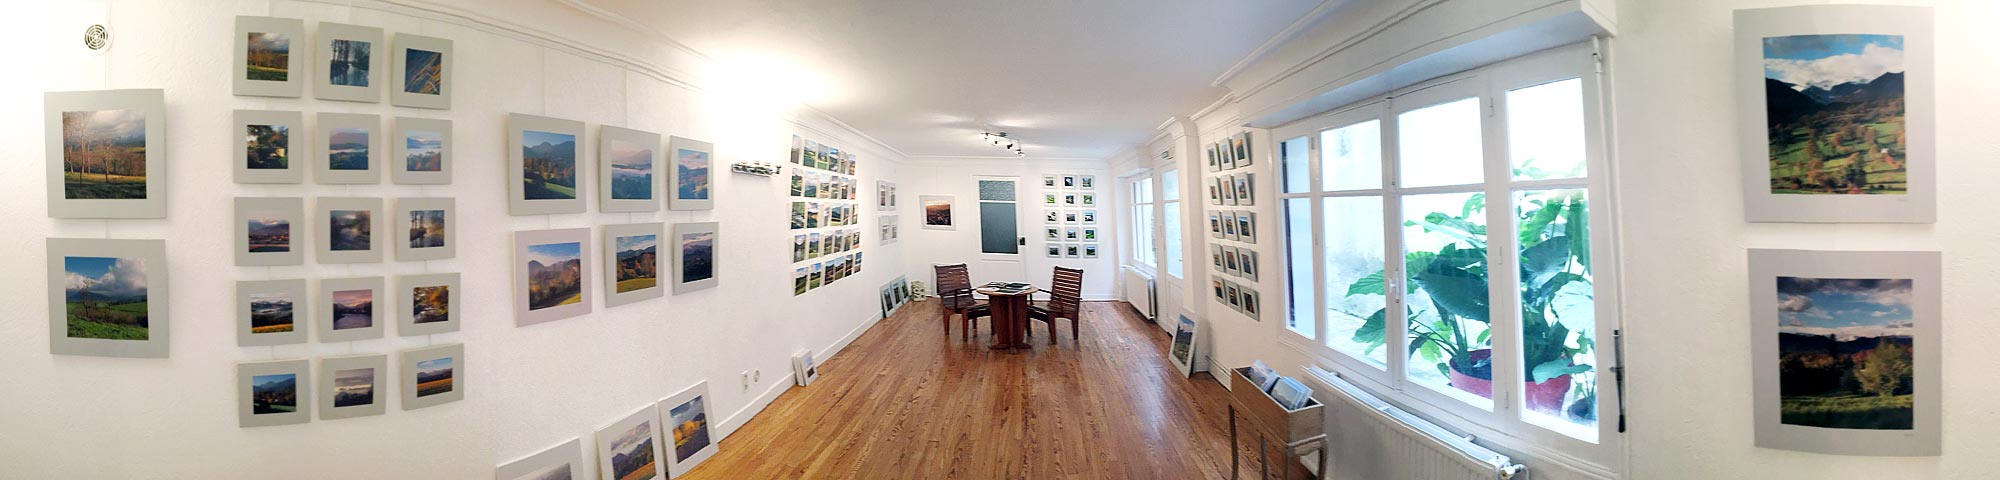 atelier salle d'exposition photographies pyrénées